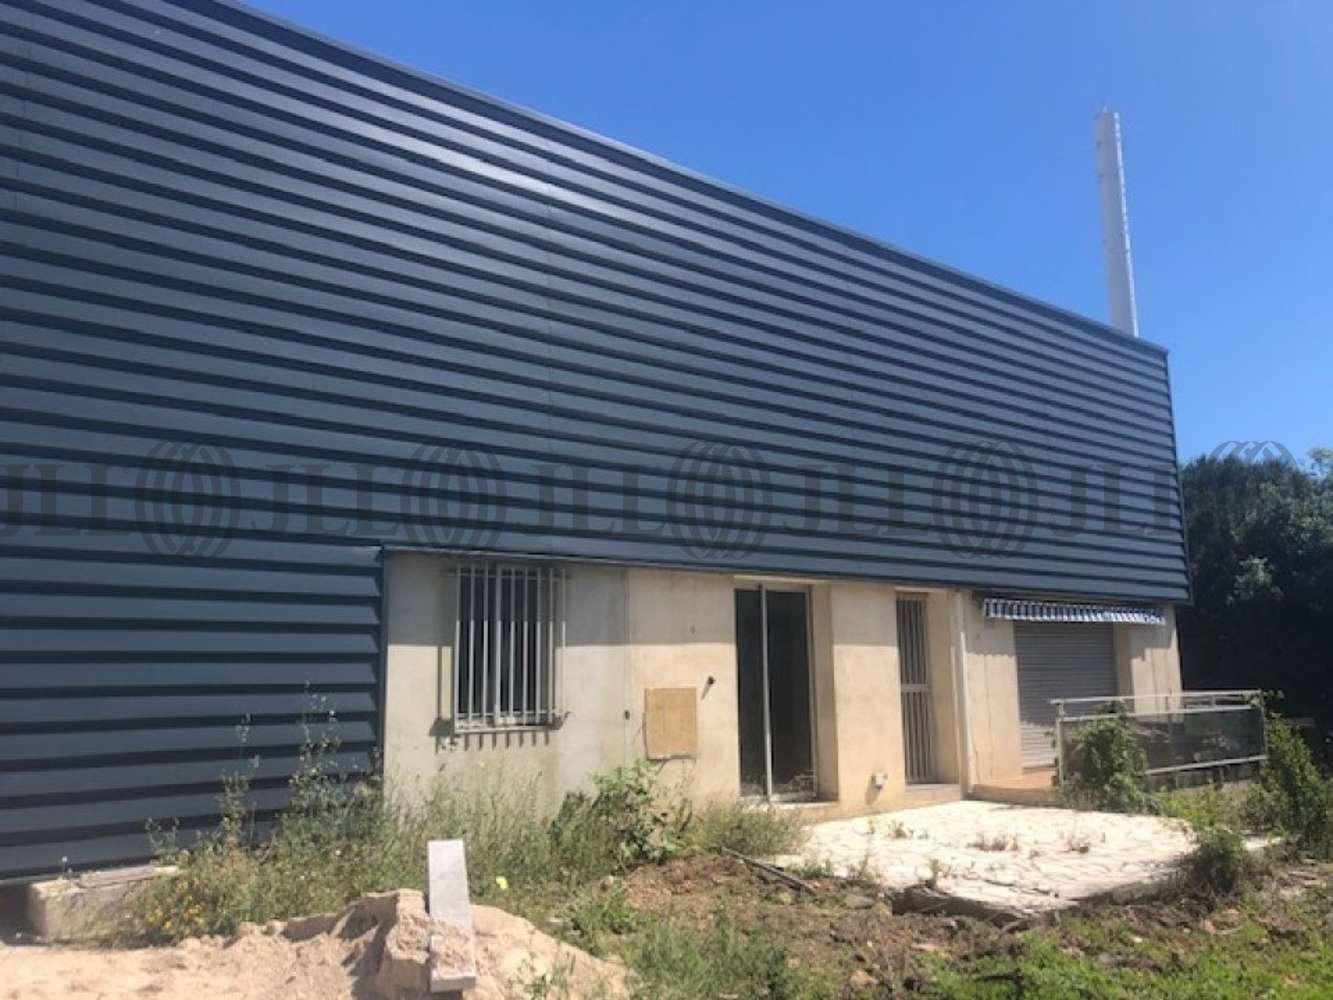 Activités/entrepôt St jean de vedas, 34430 - 27 RUE CLEMENT ADER - 10942097